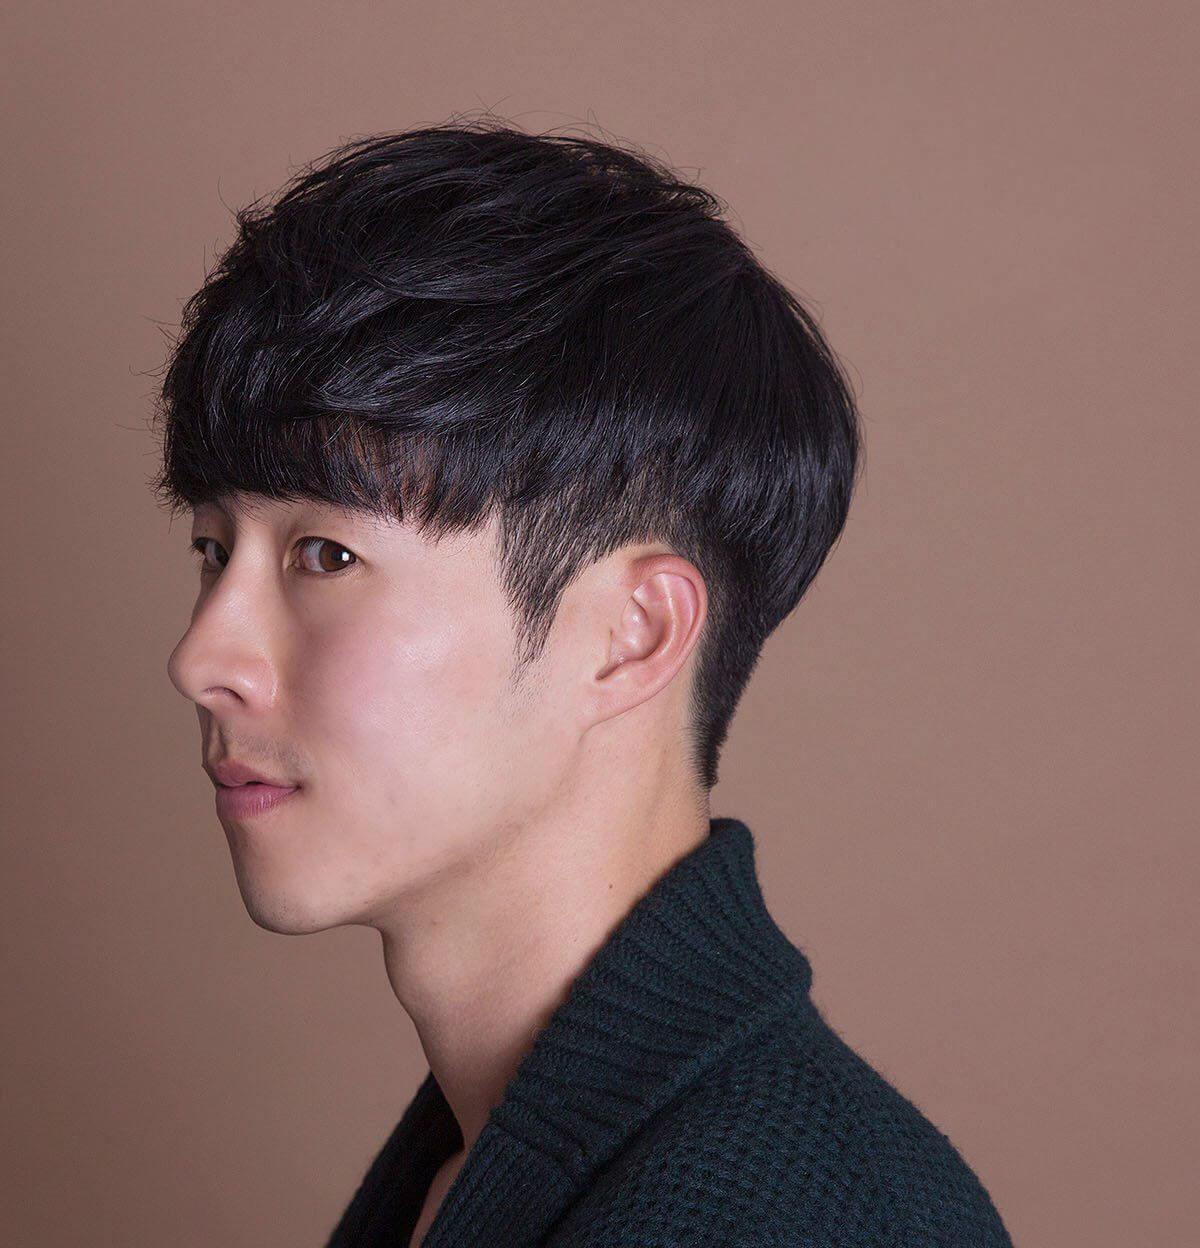 kiểu Tóc nam tỉa layer Hàn Quốc